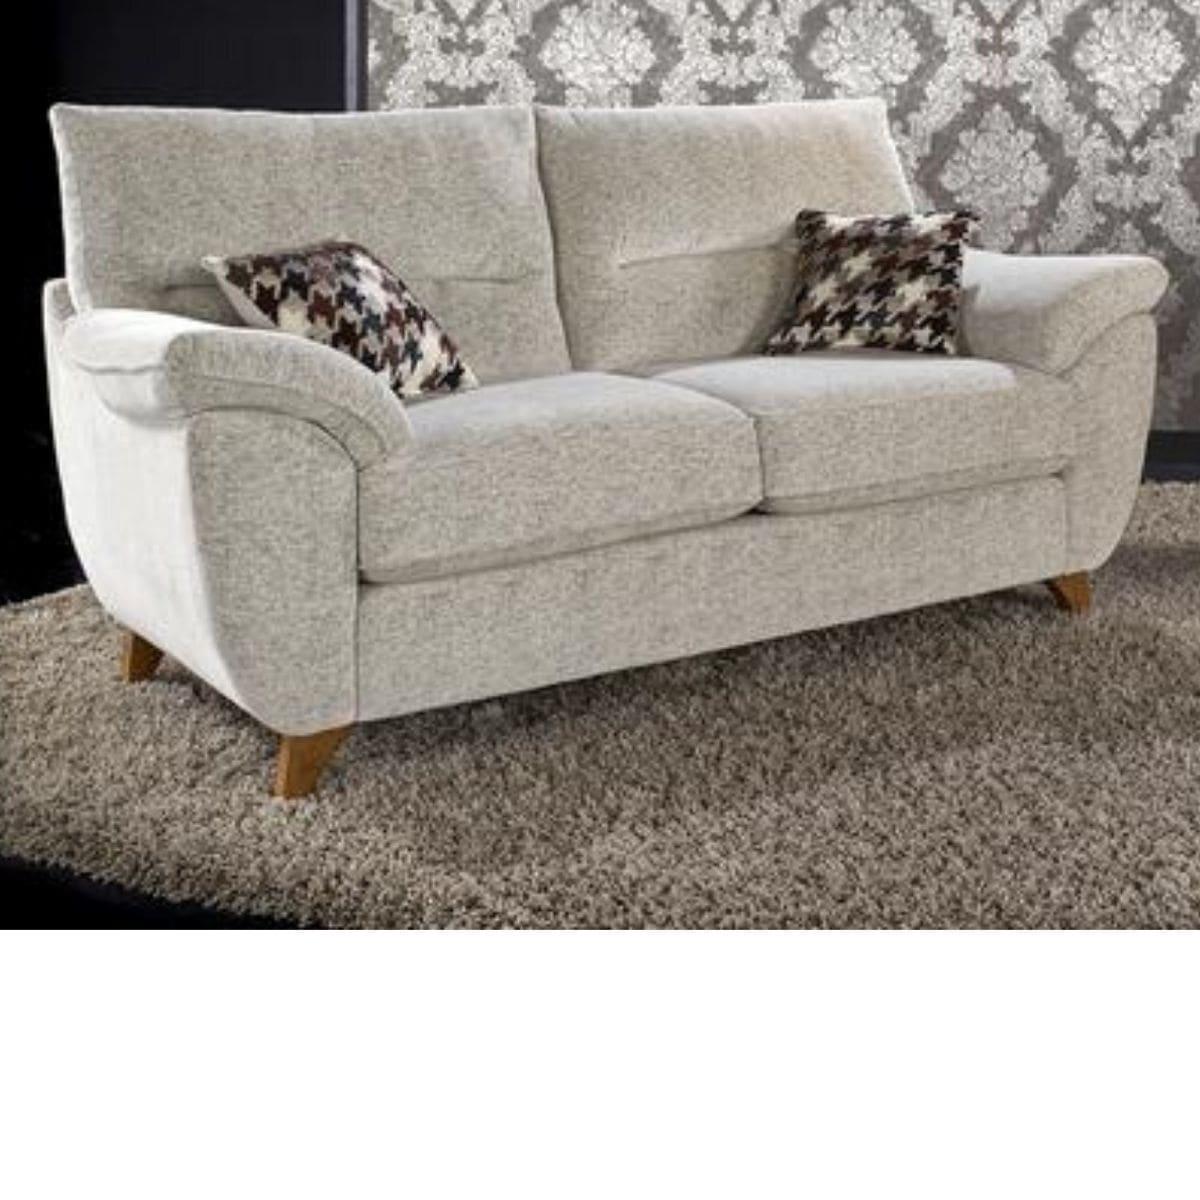 Bali 2 Seater Fabric Sofa